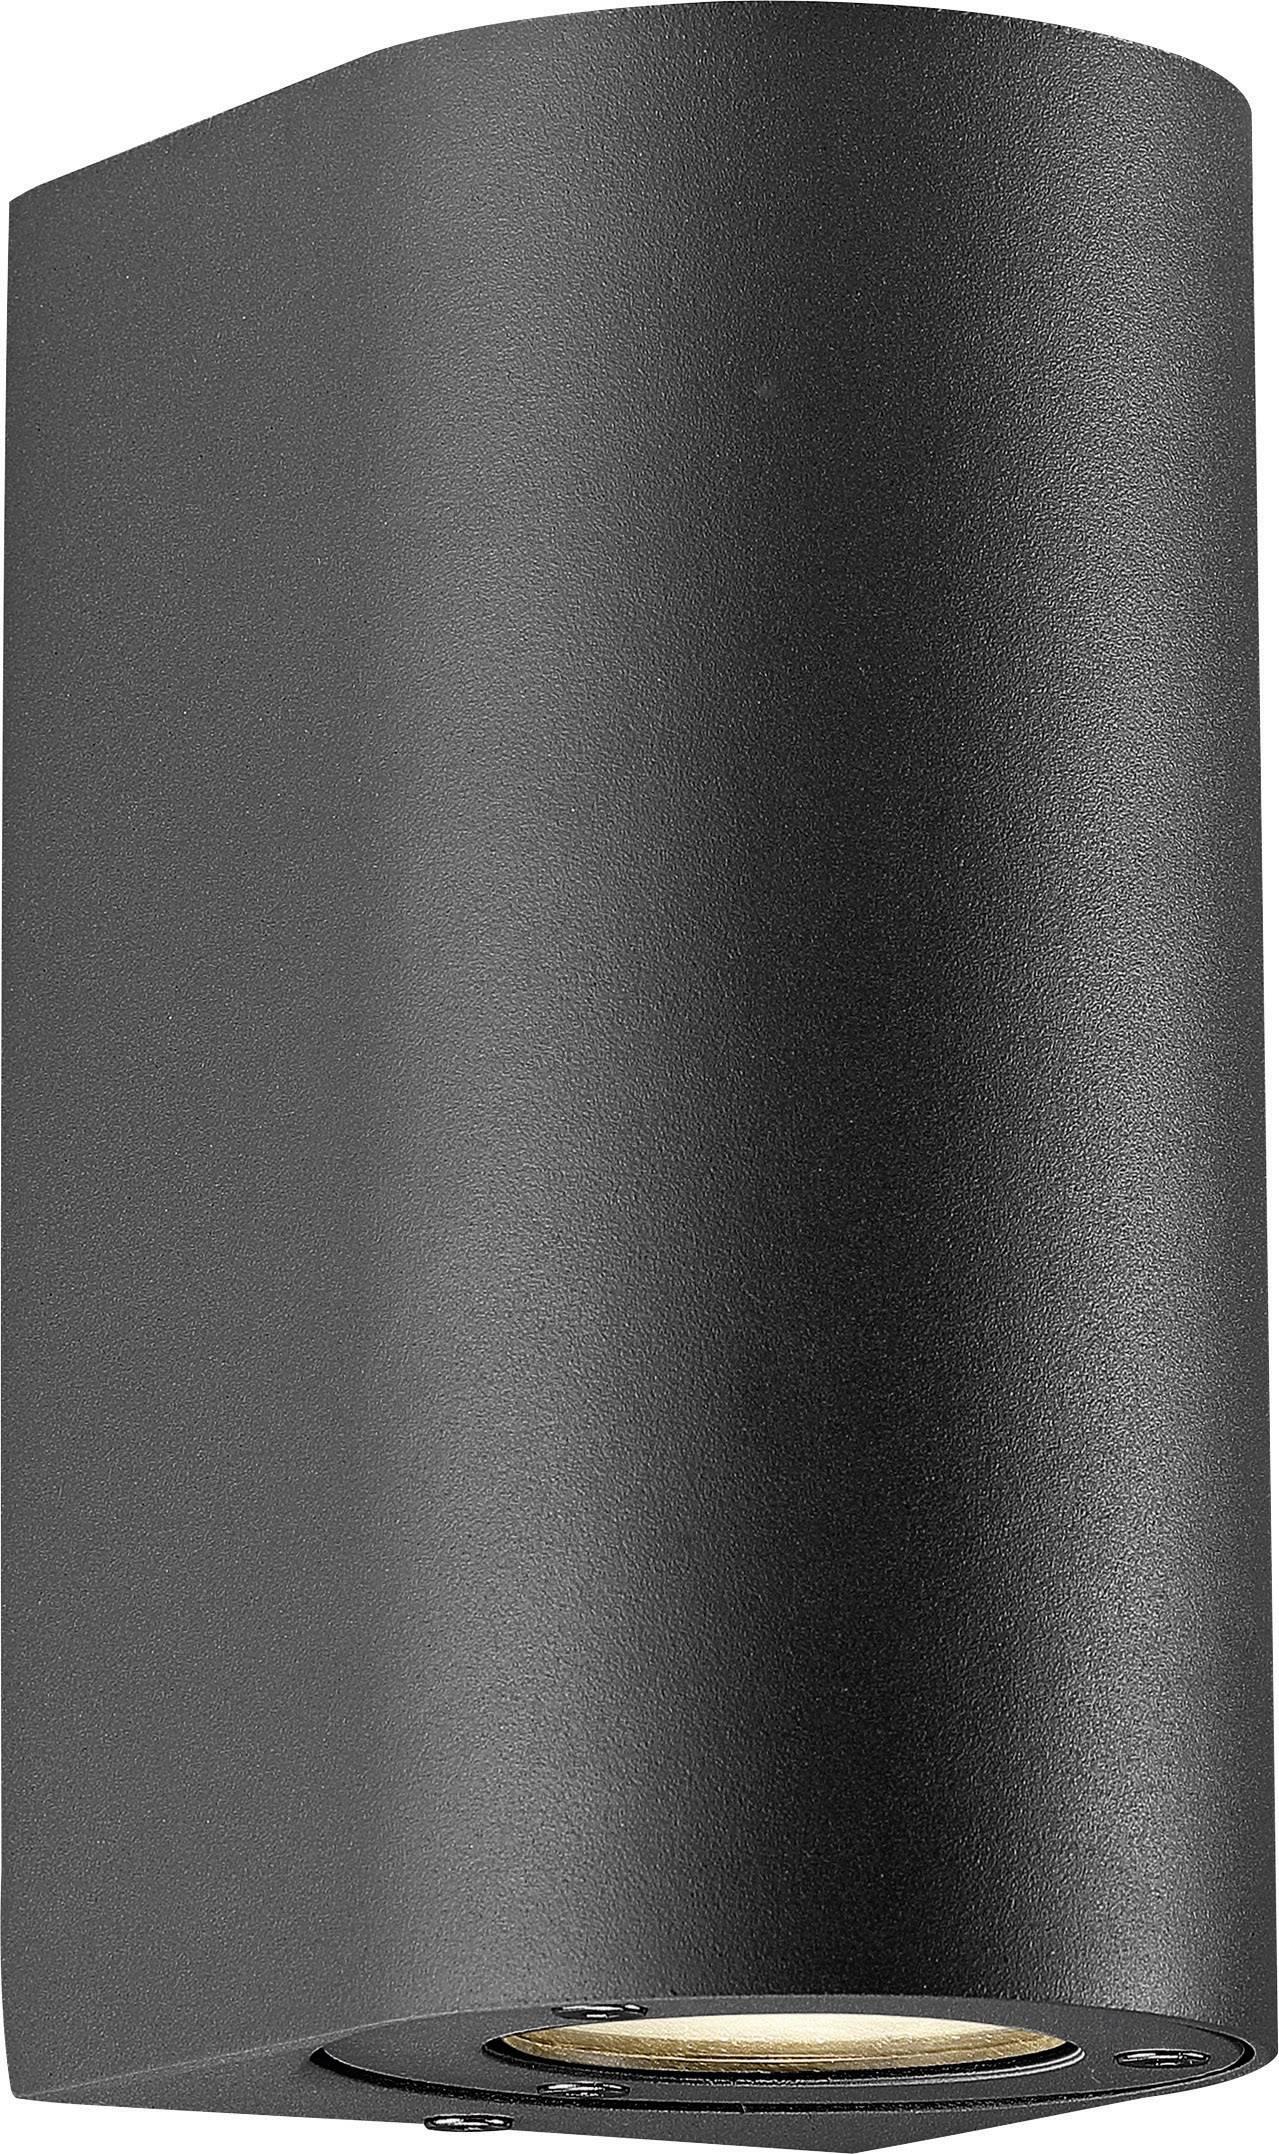 Vonkajšieosvetlenie Nordlux Canto Maxi 77561003, GU10, 70 W, hliník, čierna